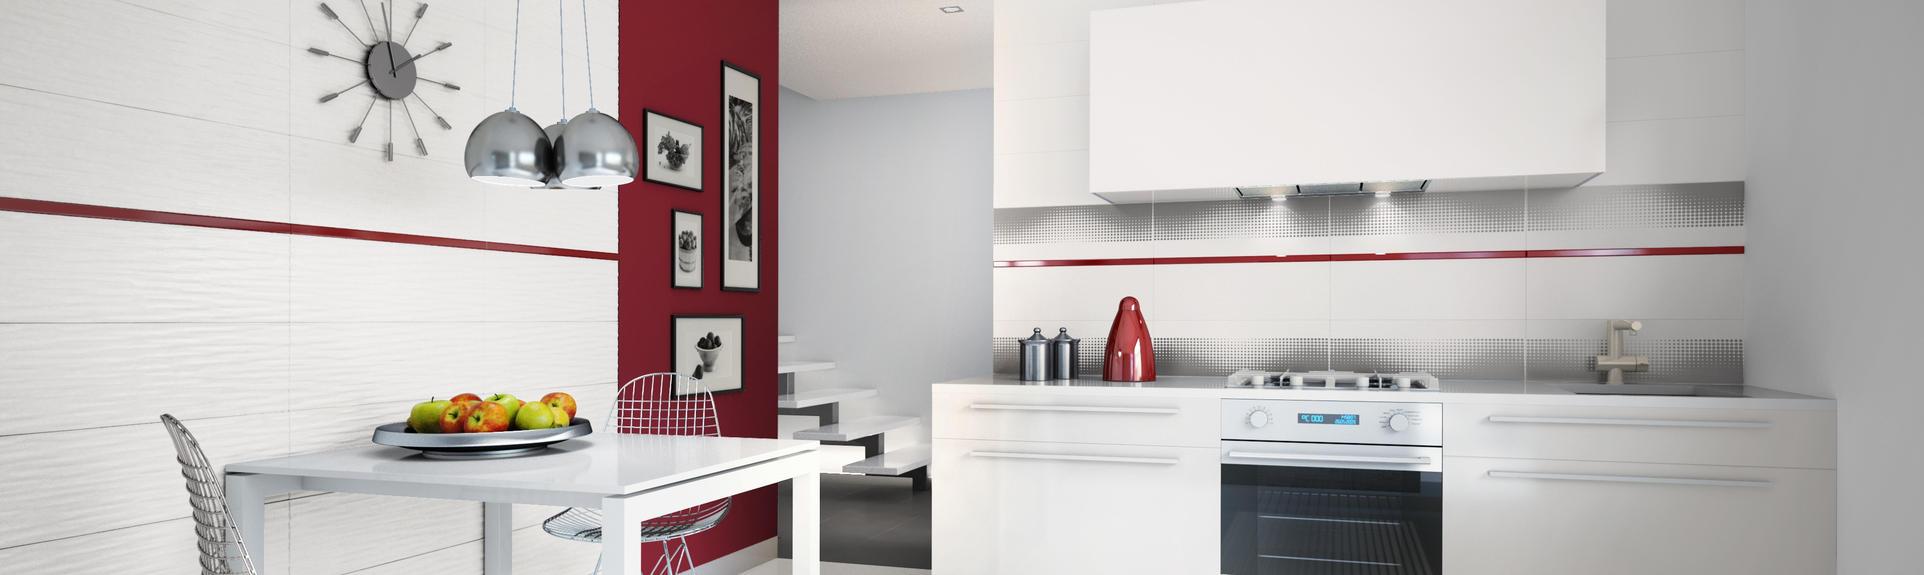 Midian / Purio - Kuchnia, Łazienka, Salon, Przedpokój